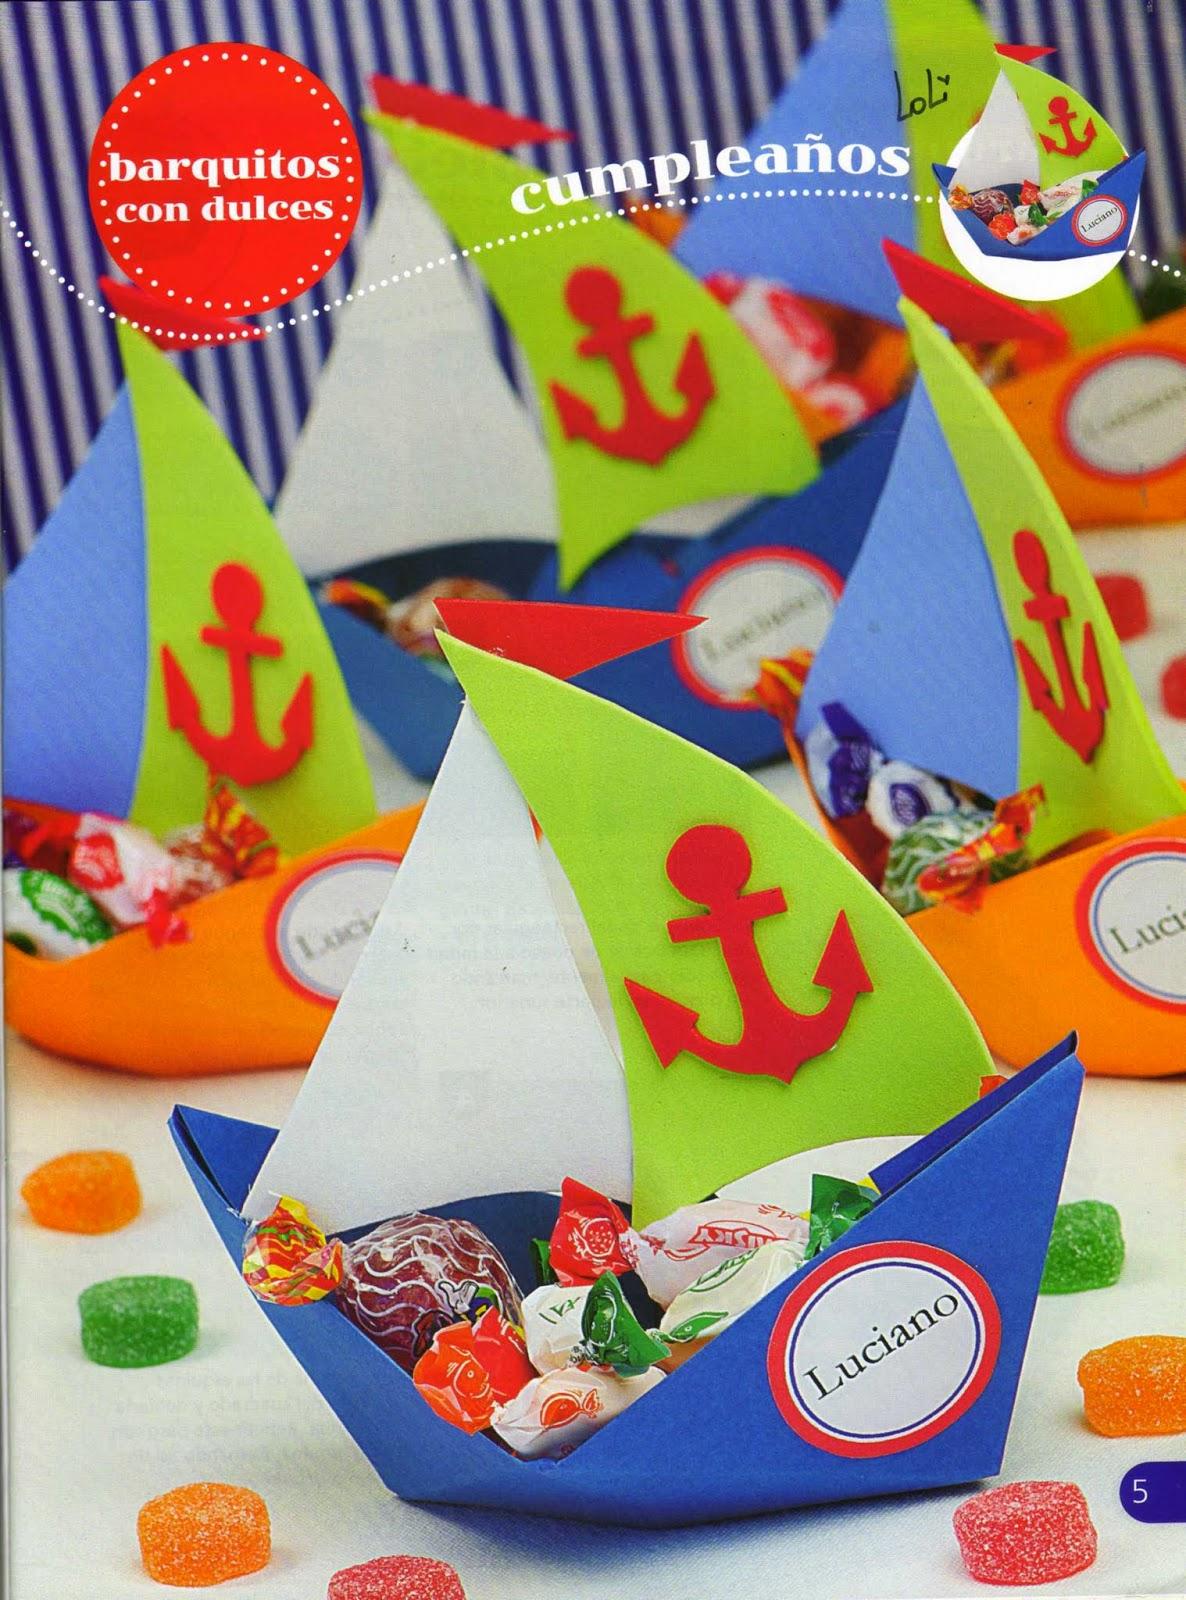 Souvenirs con goma eva paso a paso revistas de for Decoracion goma eva infantil